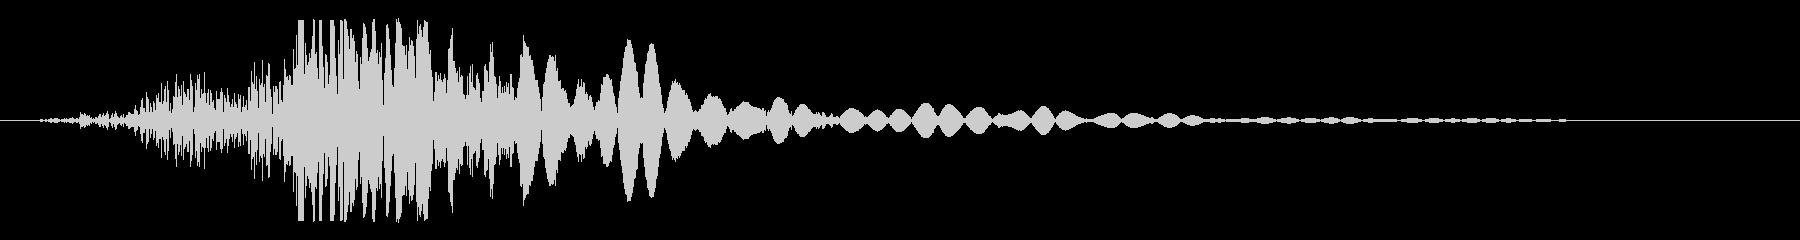 重いパンチ;明るい音の重いパンチ。...の未再生の波形